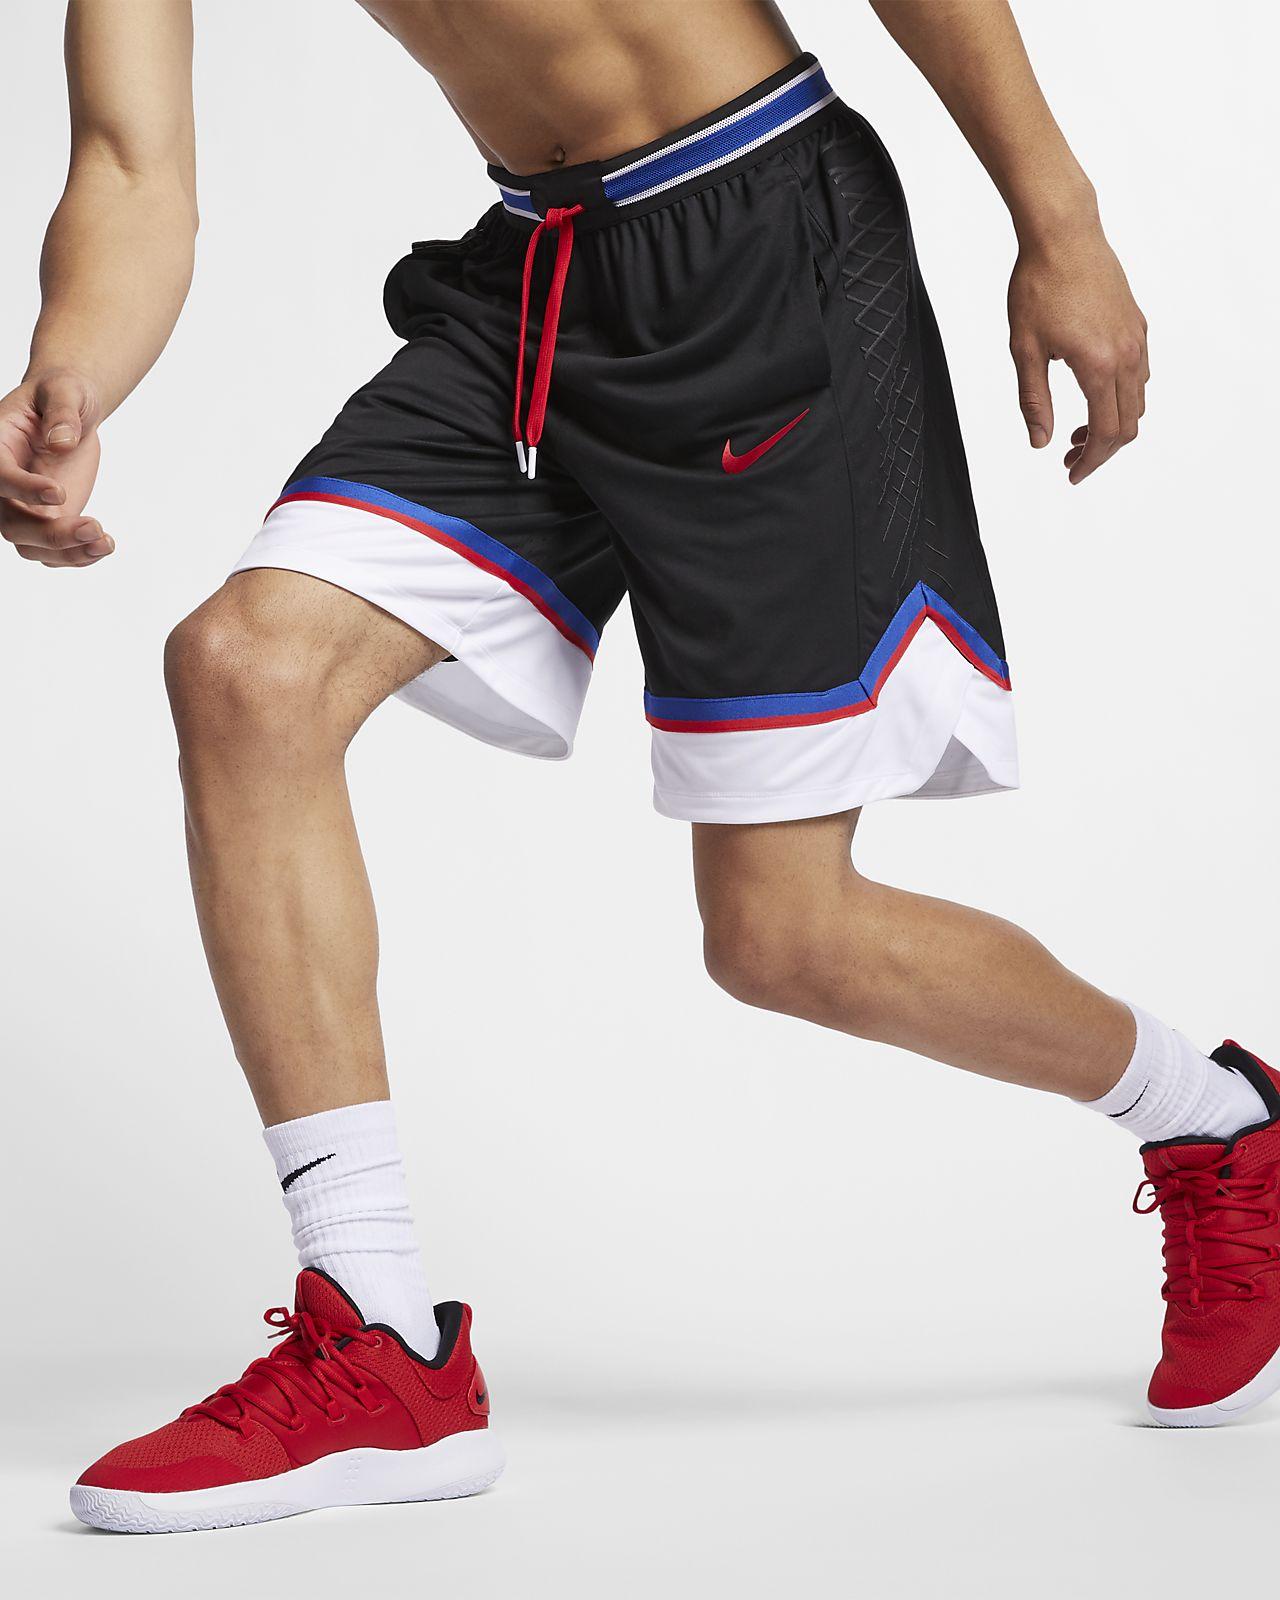 Calções de basquetebol Nike VaporKnit Icon para homem